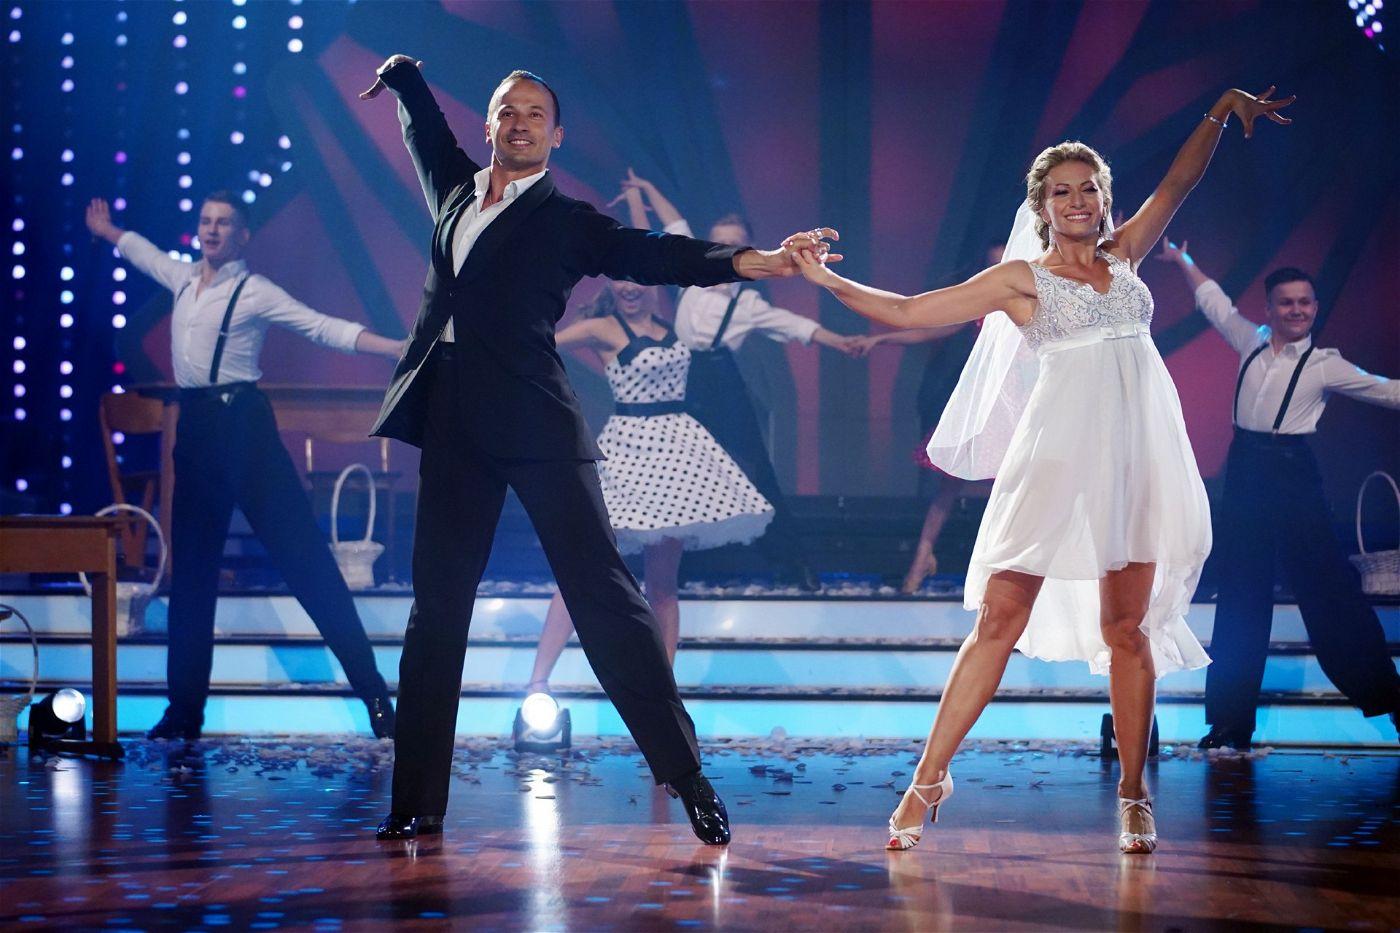 Regina und Sergiu Luca tanzen natürlich zusammen.